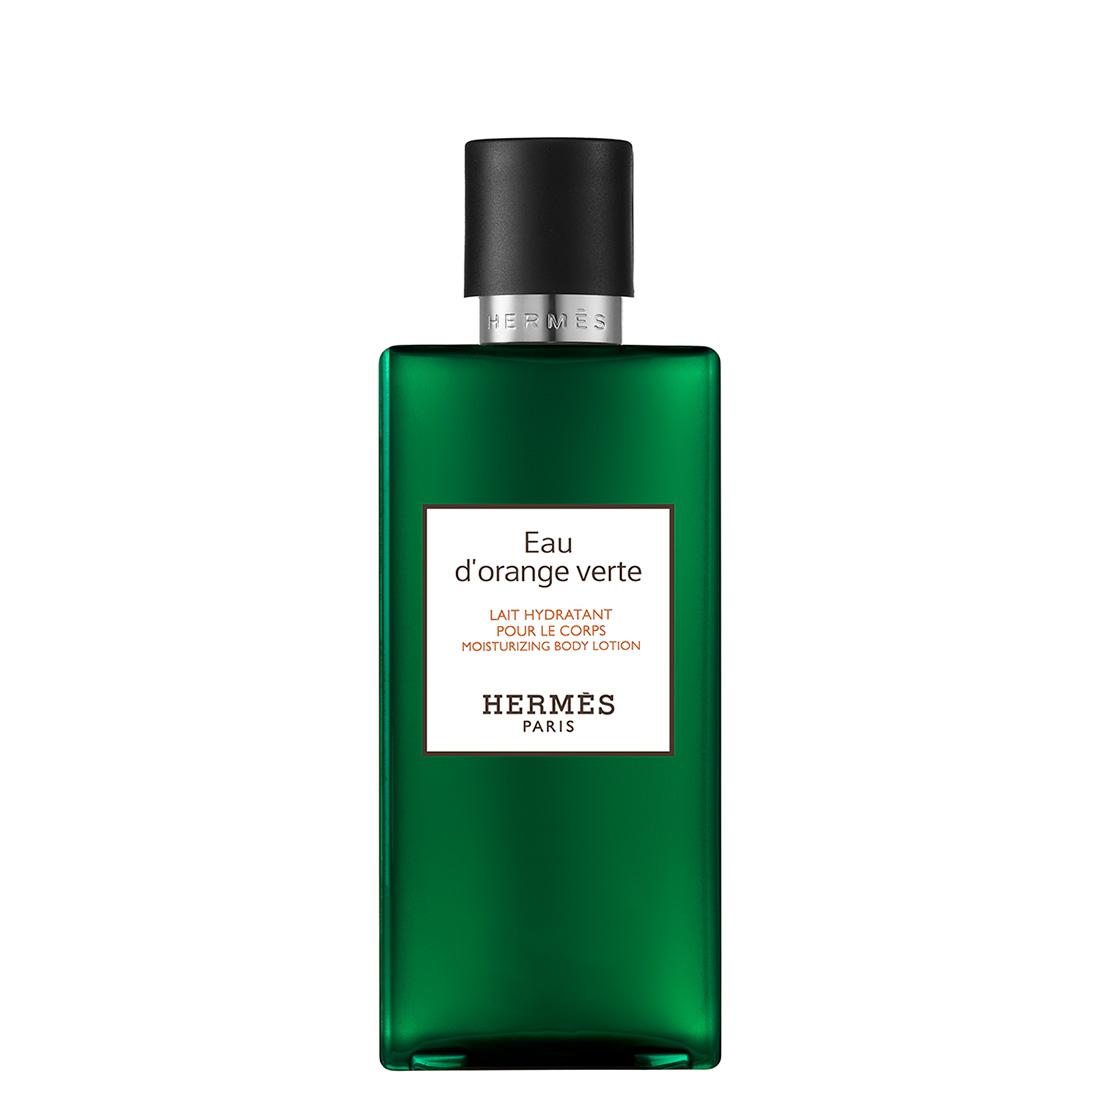 Hermès - Eau d'orange verte - Lait Parfumé pour le corps